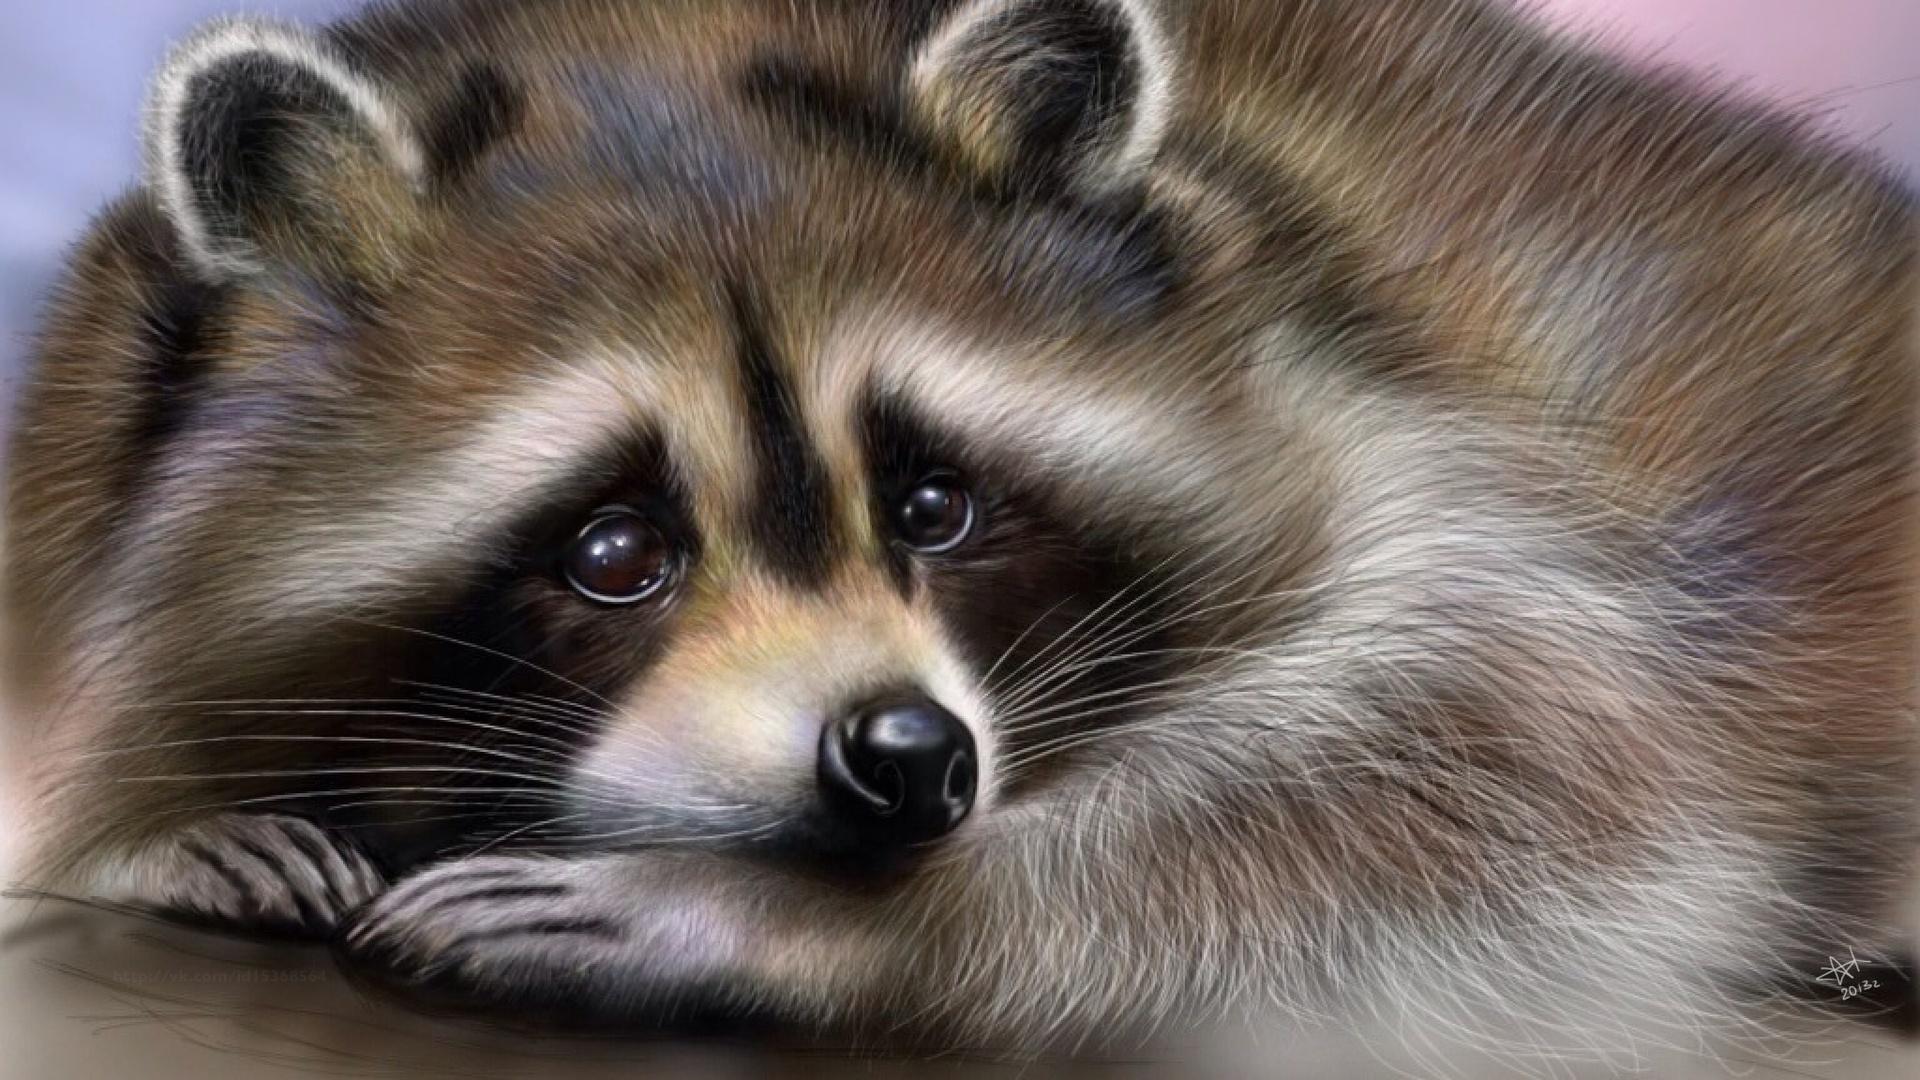 Я скучаю по тебе картинки с животными